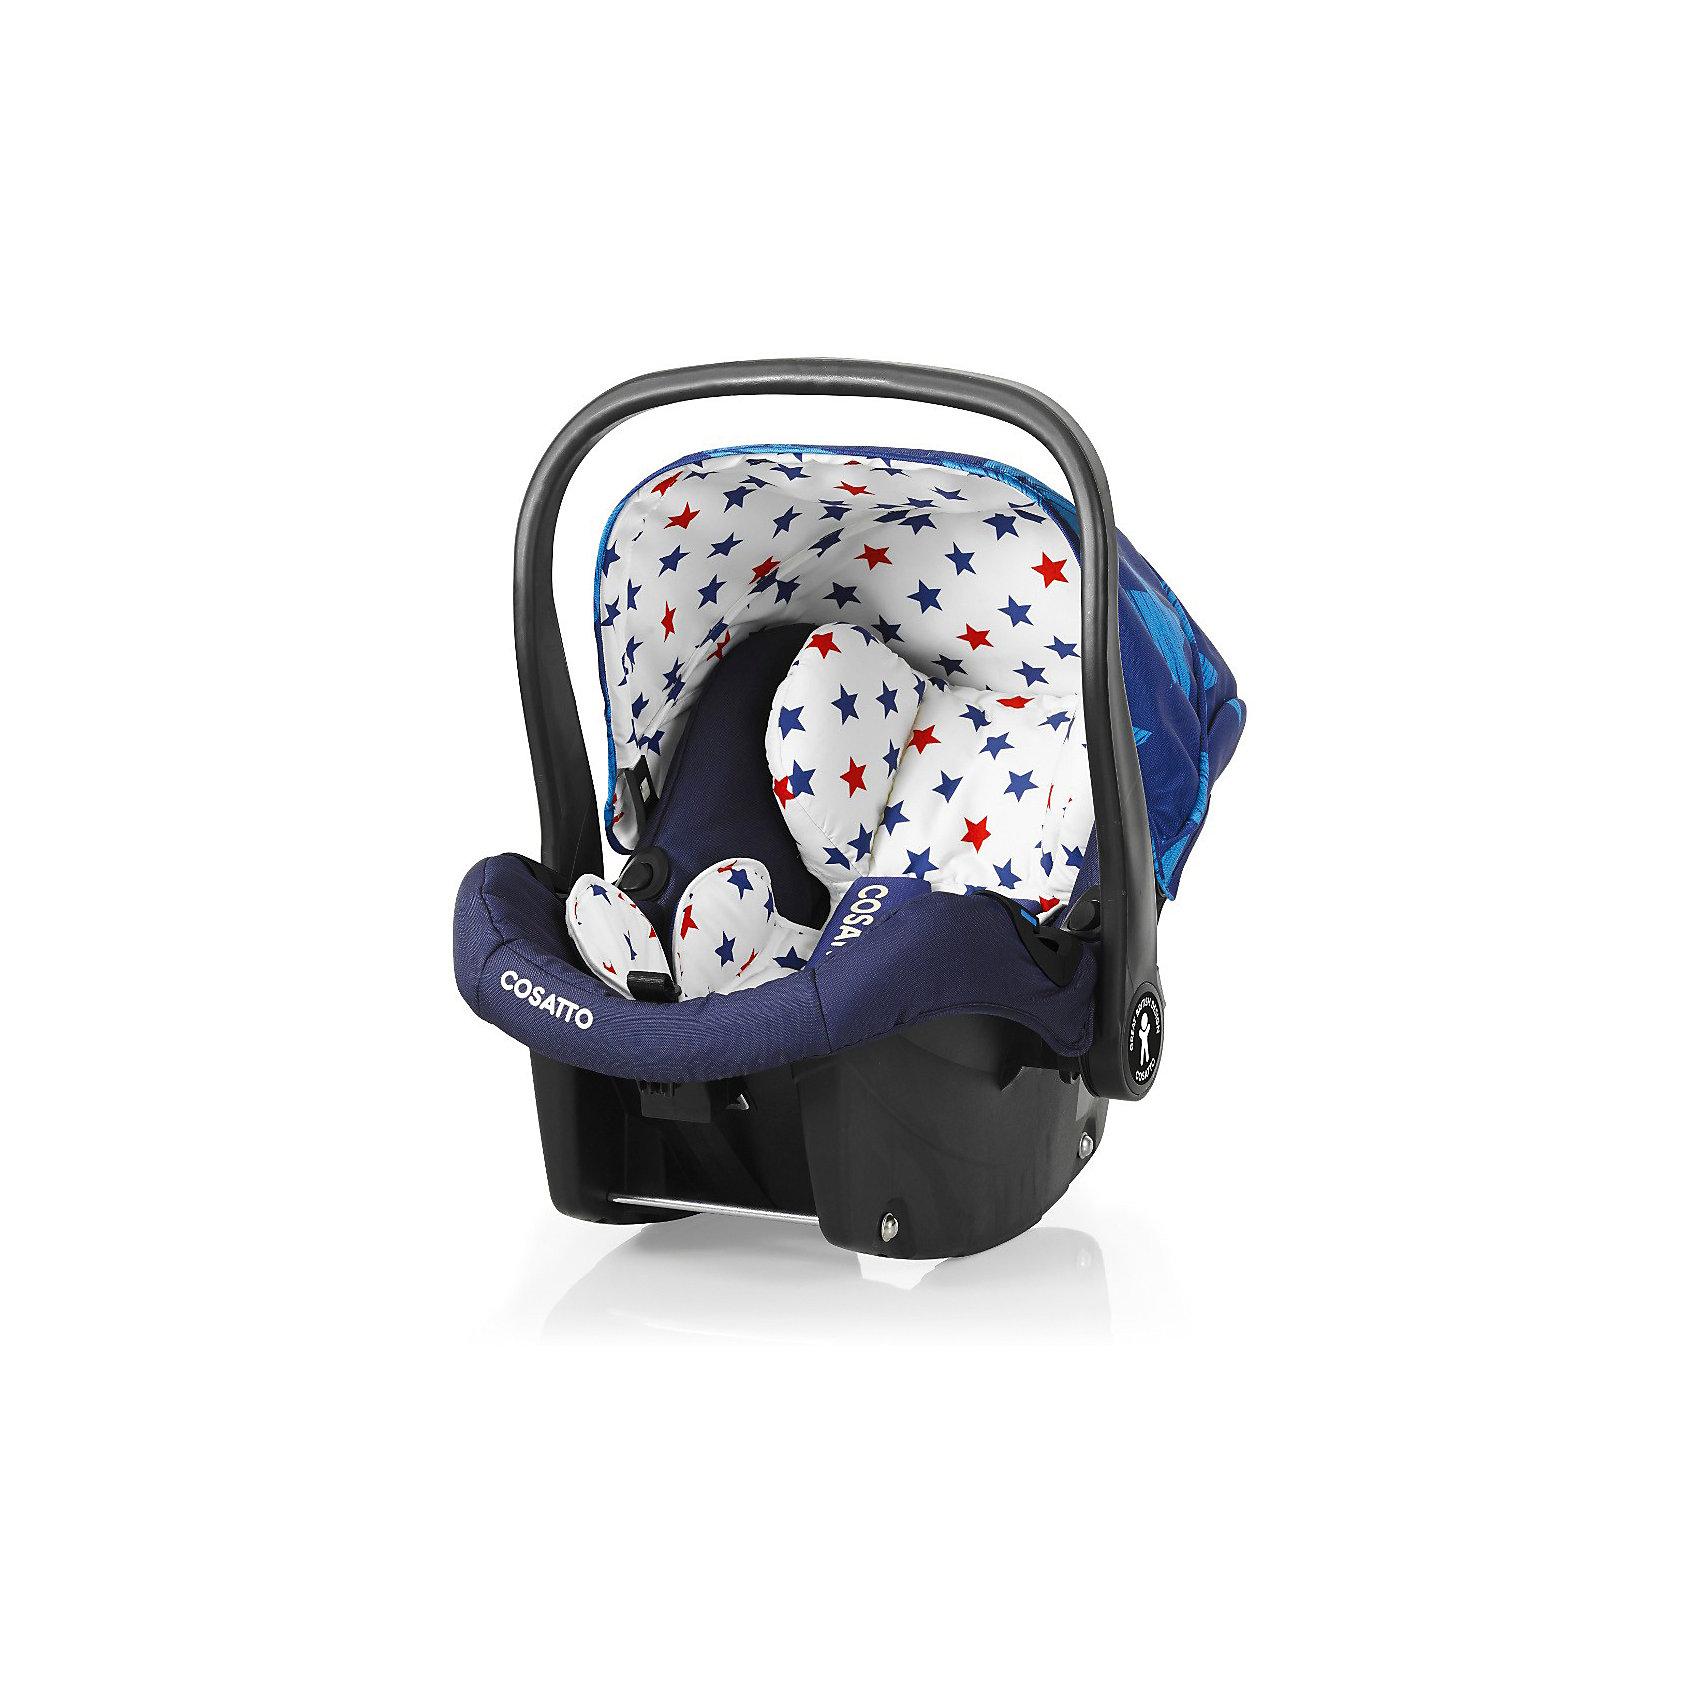 Автокресло Cosatto Port, 0-13 кг, StarbrightГруппа 0+ (До 13 кг)<br>Характеристики:<br><br>• группа: 0+;<br>• вес ребенка: до 13 кг;<br>• возраст: от рождения до 18 месяцев;<br>• соответствует нормам безопасности  ECE R44/04;<br>• установка: против хода движения автомобиля;<br>• может крепиться штатным автомобильным ремнем или устанавливаться на одну из баз Cosatto (Isofix и для 3-точечного ремня);<br>• совместимо с шасси колясок Cosatto Ooba, Fly, Wish, Wow, Woop;<br>• можно использовать как переноску или люльку;<br>• 3-точечные внутренние ремни имеют 2 положения;<br>• плечевые и нагрудные подушечки;<br>• анатомический вкладыш;<br>• специальная подушка для головы;<br>• усиленная боковая защита;<br>• ударопрочный пластик;<br>• солнцезащитный съемный козырек из ткани;<br>• ручка для переноски;<br>• сзади расположен бардачок;<br>• гипоаллергенный материал обивки;<br>• съемный чехол можно стирать при температуре 30 градусов;<br>• материал: пластик, полиэстер.<br><br>Габариты автокресла: 70х60х44 см.<br>Вес автокресла: 3 кг.<br><br>Автокресло разработано для безопасной перевозки малышей в салоне автомобиля. Представленную модель можно использовать не только как авто-люльку, а и устанавливать на шасси коляски, что очень удобно на прогулке за городом. Продуманная до мелочей система безопасности максимально защищает малыша во время движения. Автокресло устанавливается на сиденье и крепится при помощи штатного ремня безопасности автомобиля либо устанавливается на специальную базу (приобретается отдельно). <br><br>Автокресло Port 0-13 кг., Cosatto, Starbright можно купить в нашем интернет-магазине.<br><br>Ширина мм: 750<br>Глубина мм: 450<br>Высота мм: 390<br>Вес г: 6000<br>Возраст от месяцев: -2147483648<br>Возраст до месяцев: 2147483647<br>Пол: Унисекс<br>Возраст: Детский<br>SKU: 5629488